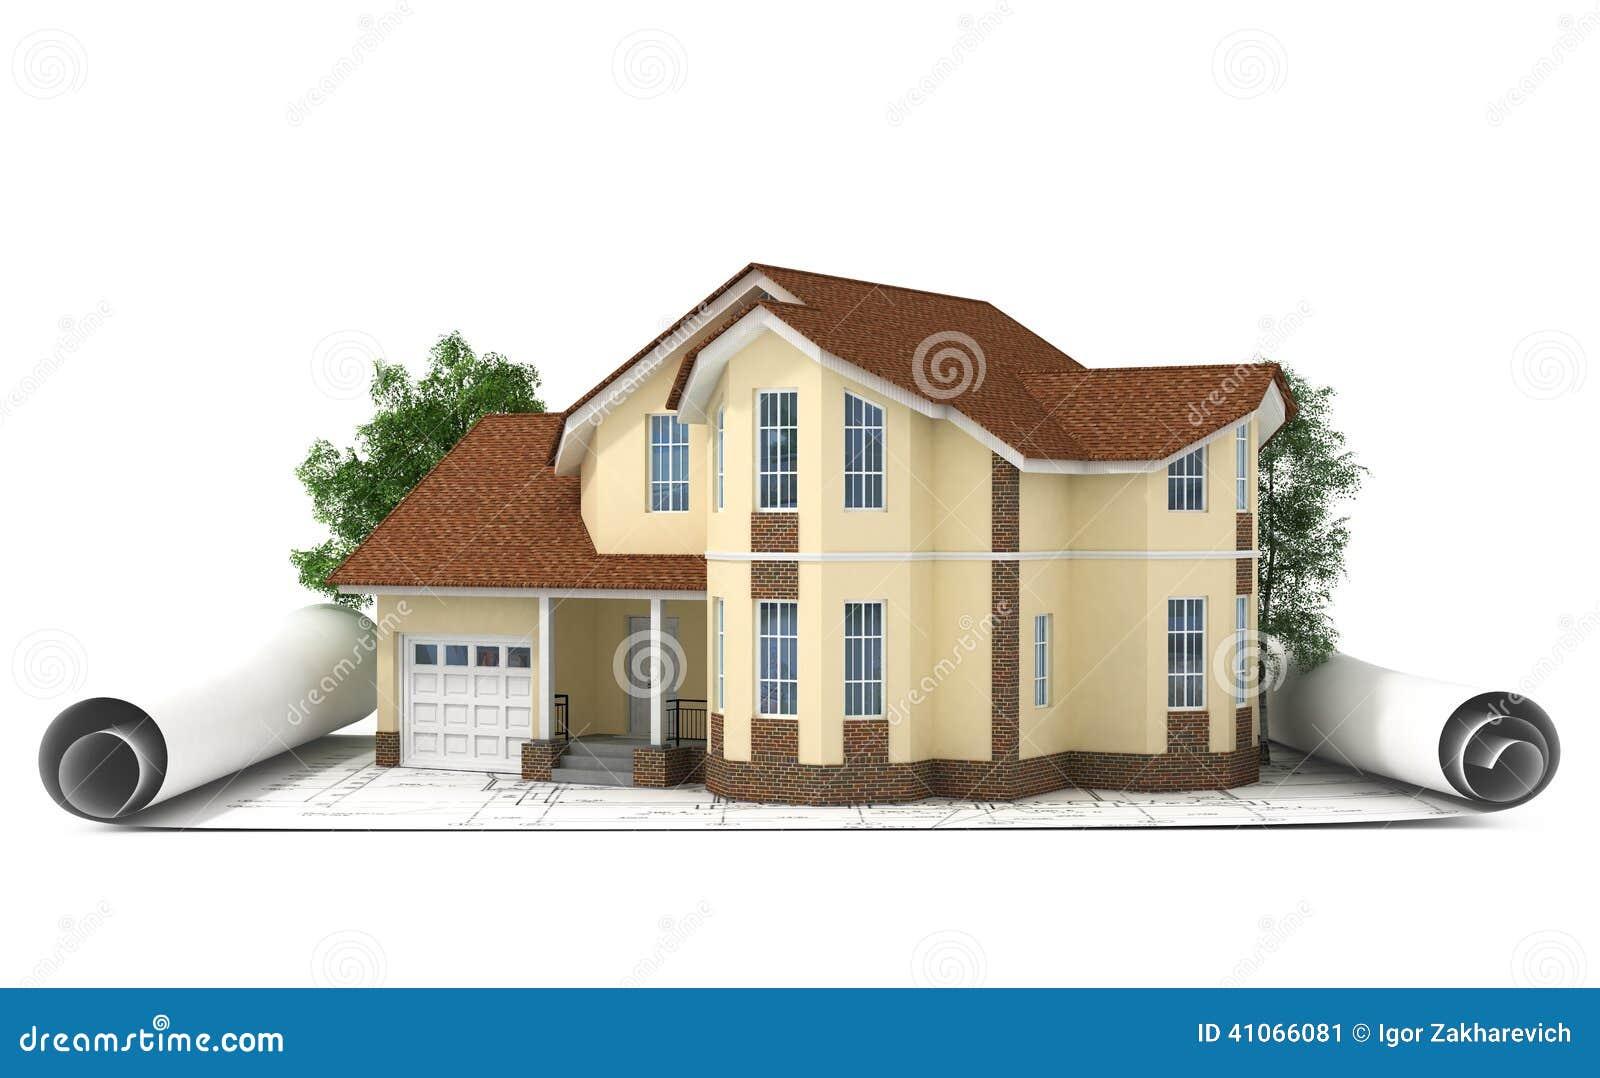 Bauplan mit haus und holz 3d stock abbildung bild 41066081 for Bauplan haus